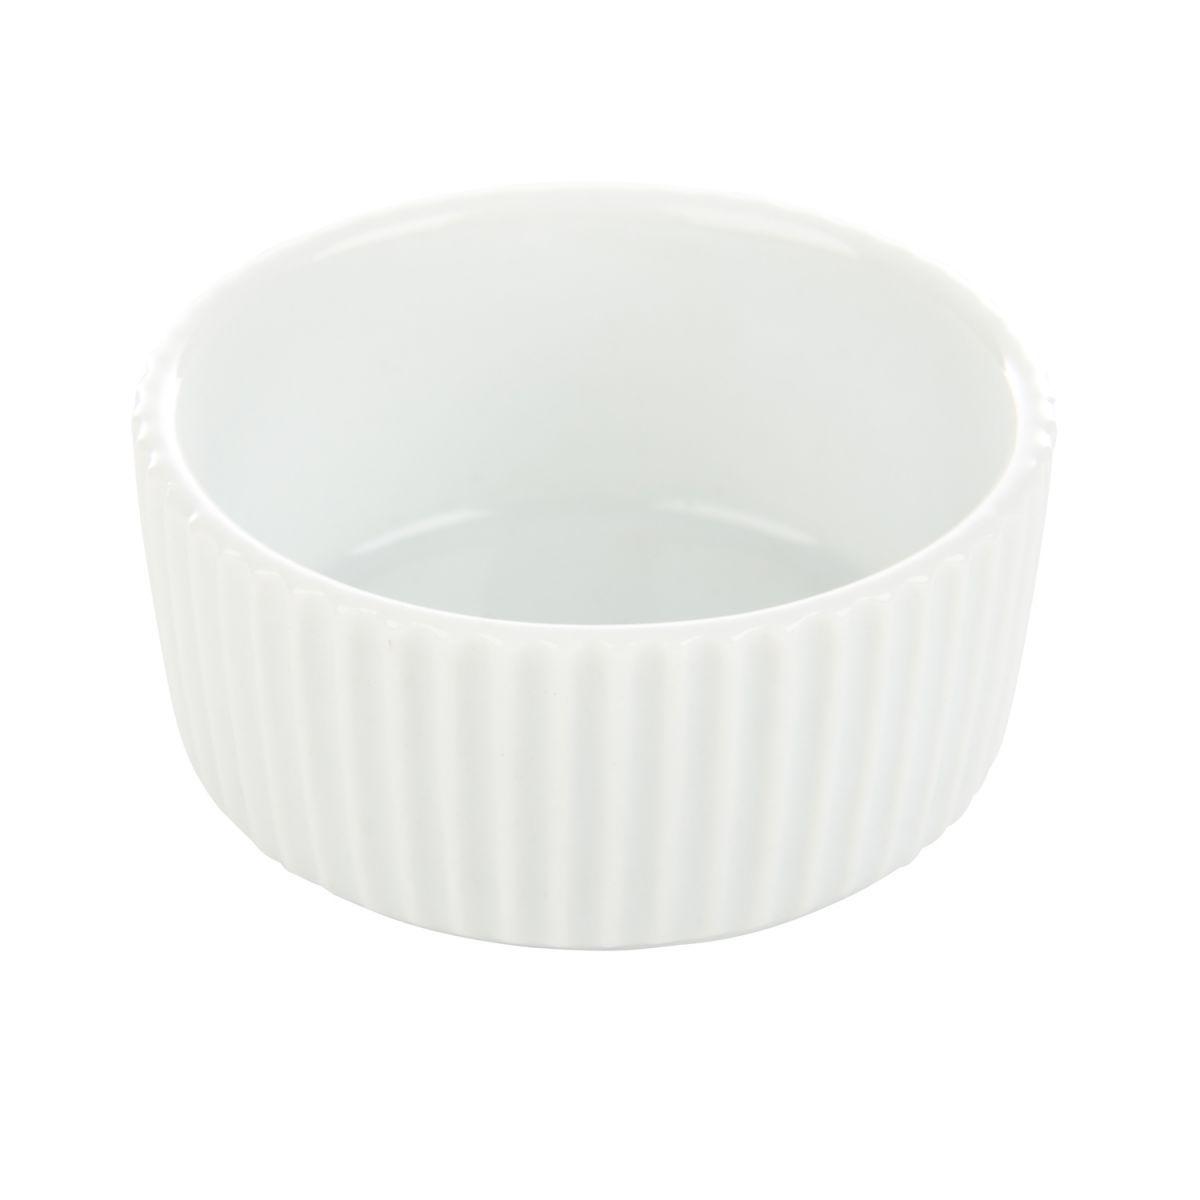 bowl mini 6 cm box12